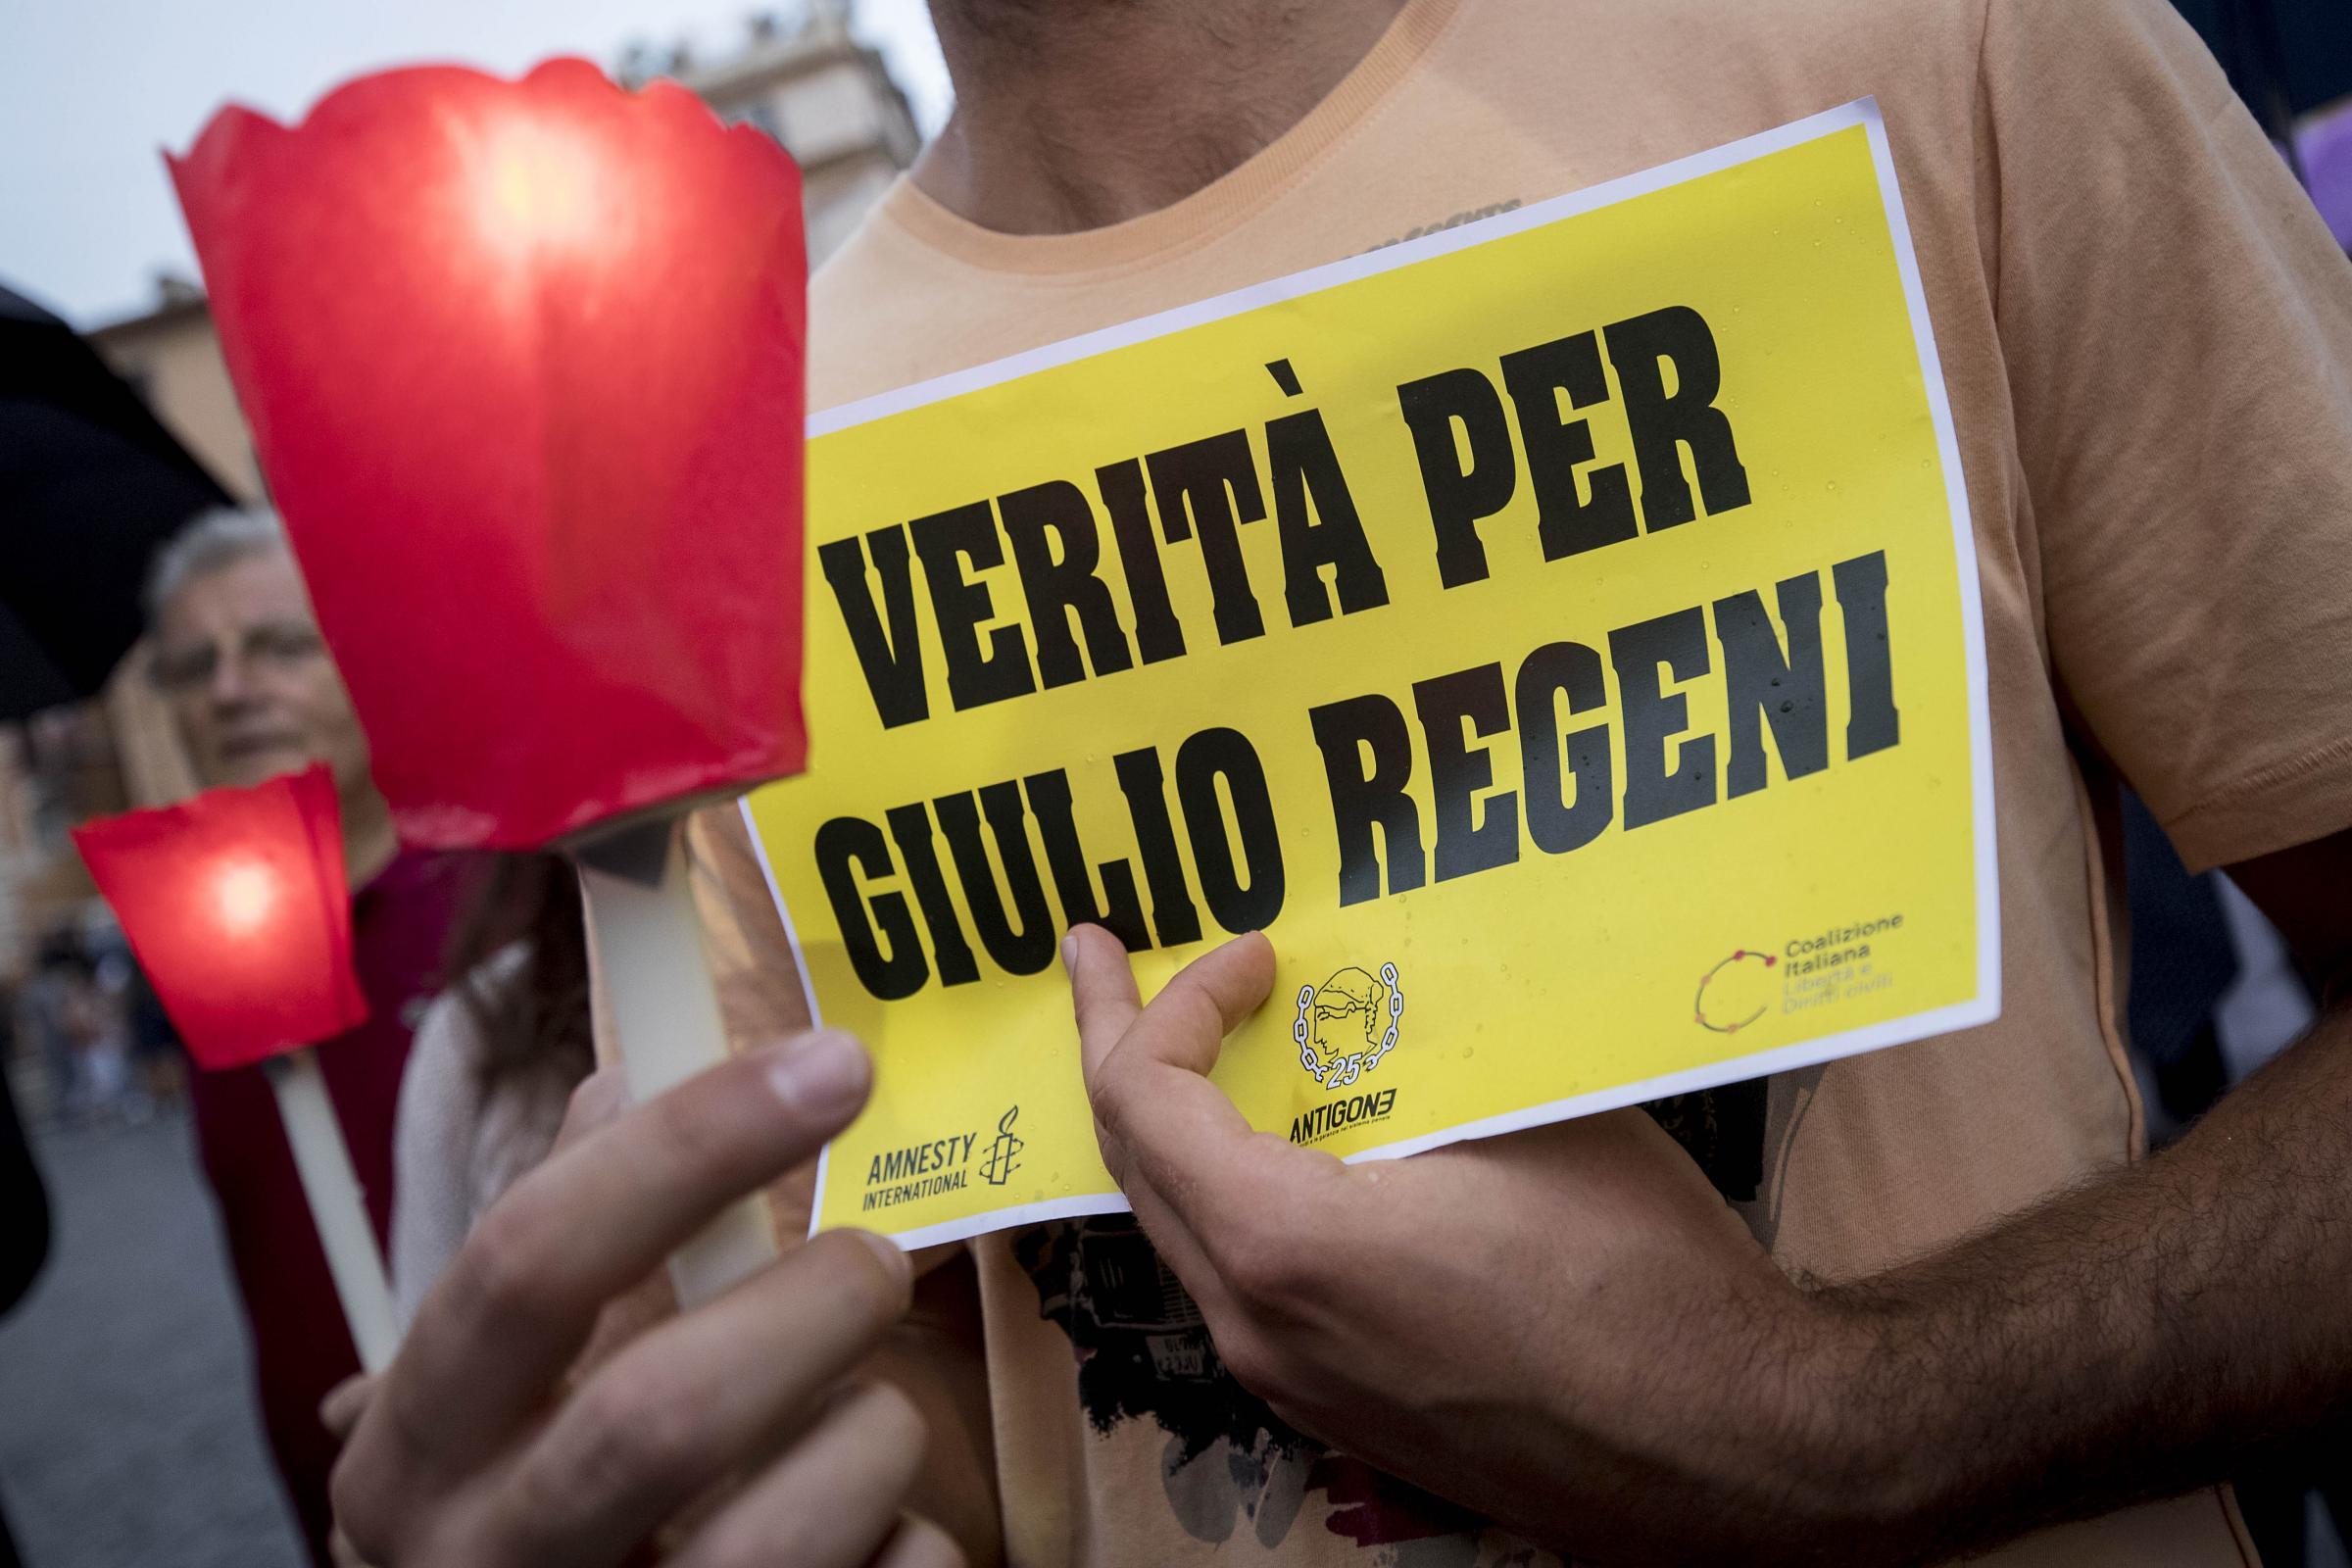 Chi era Giulio Regeni, lo studente ucciso per il quale si deve chiedere giustizia